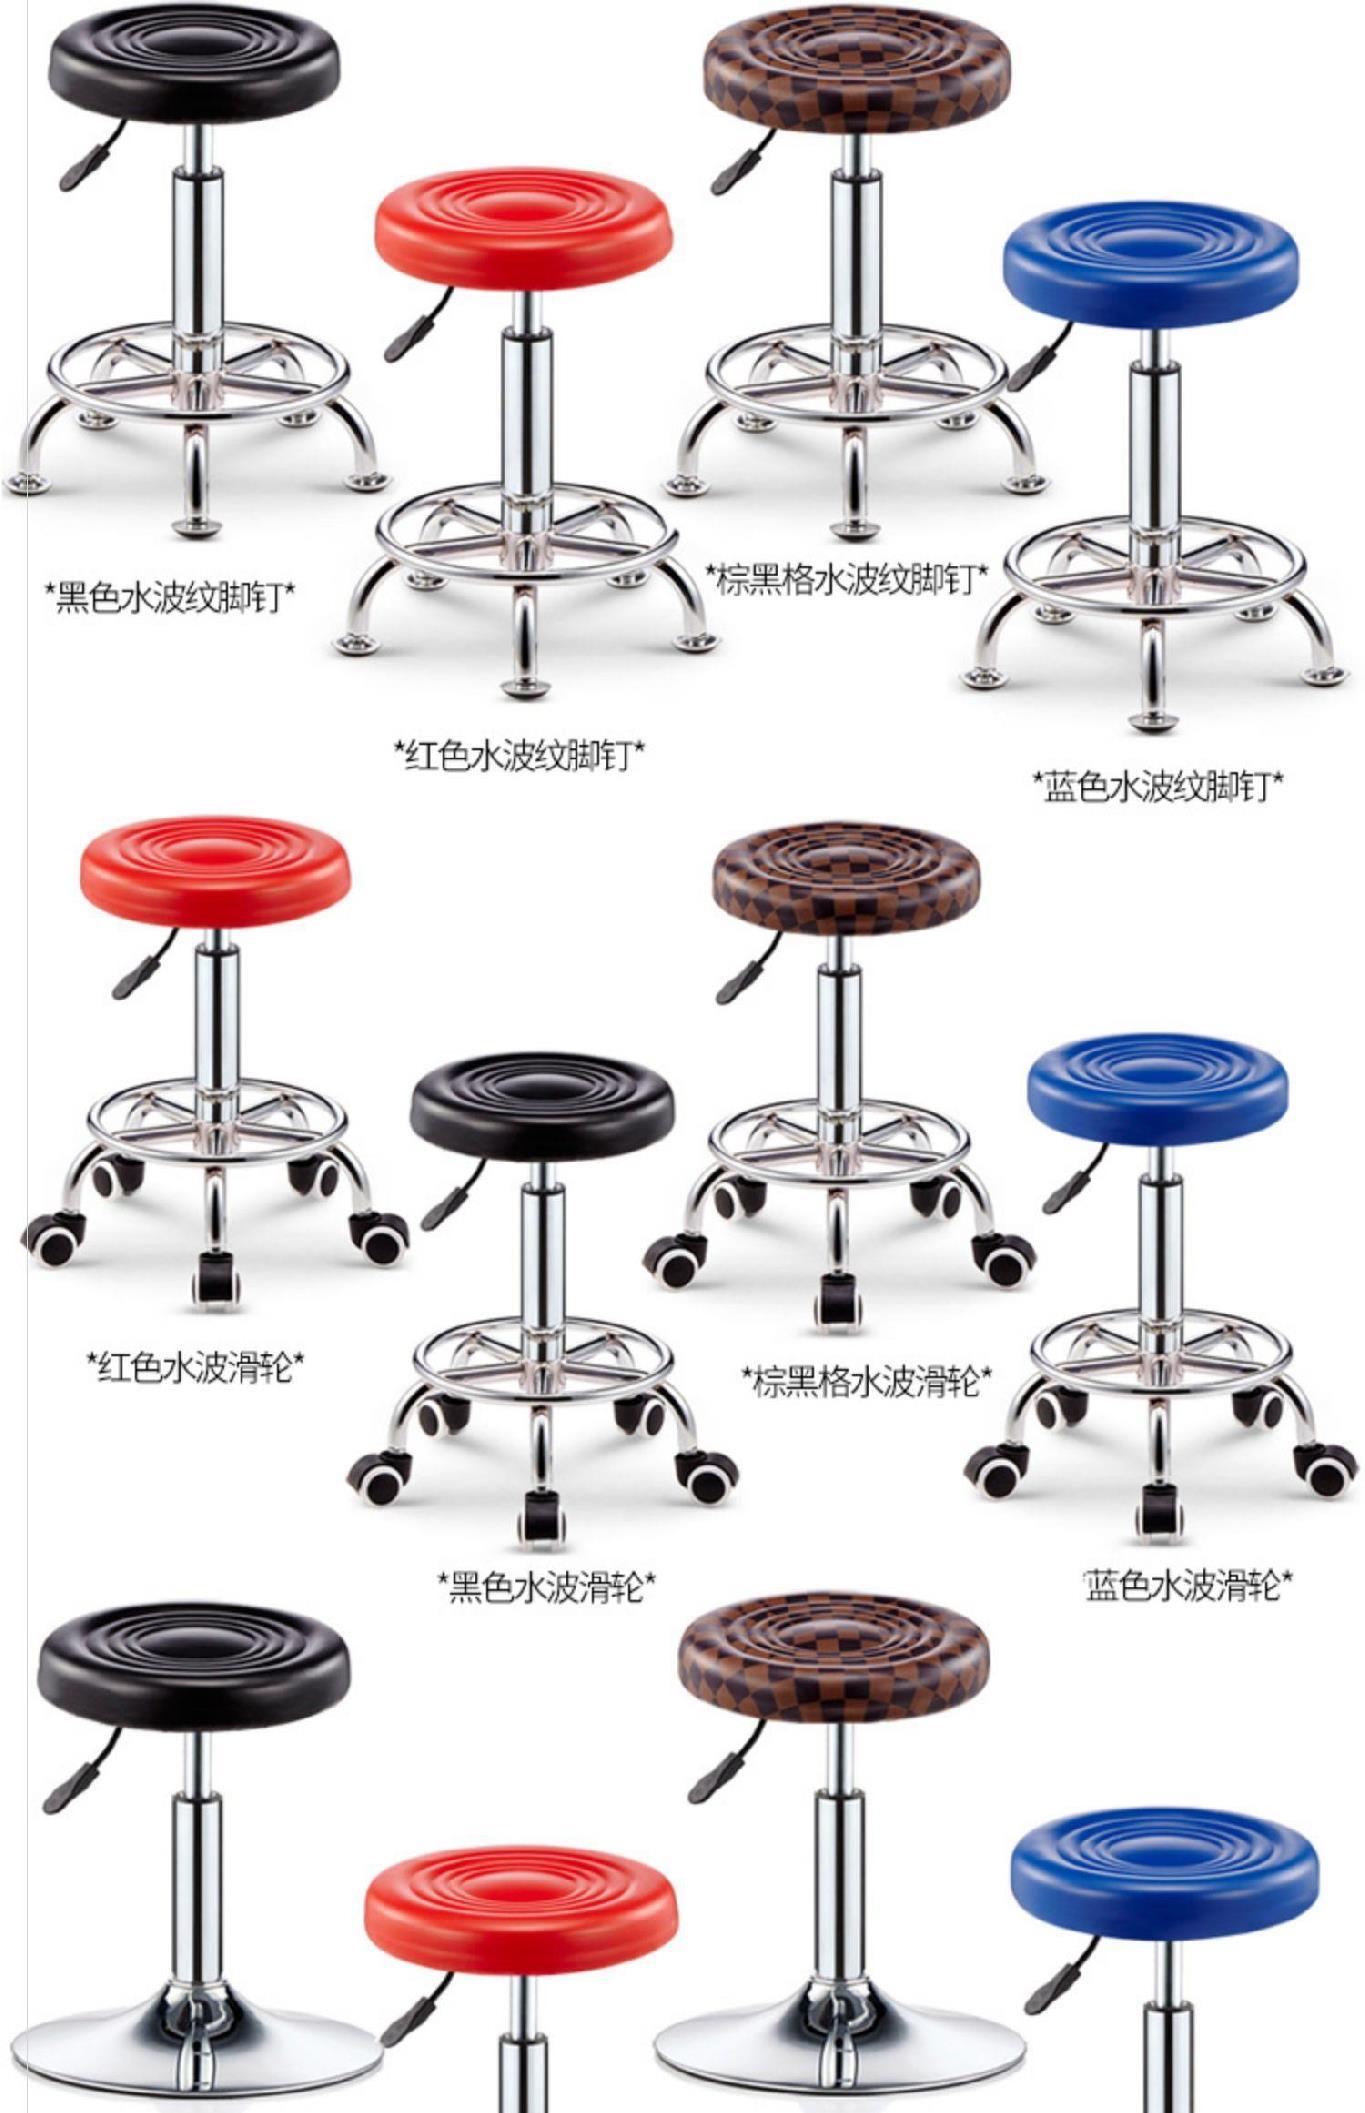 美容店咖啡现代奶茶店餐桌椅美发椅吧台餐椅子椅子高脚椅子吧台椅